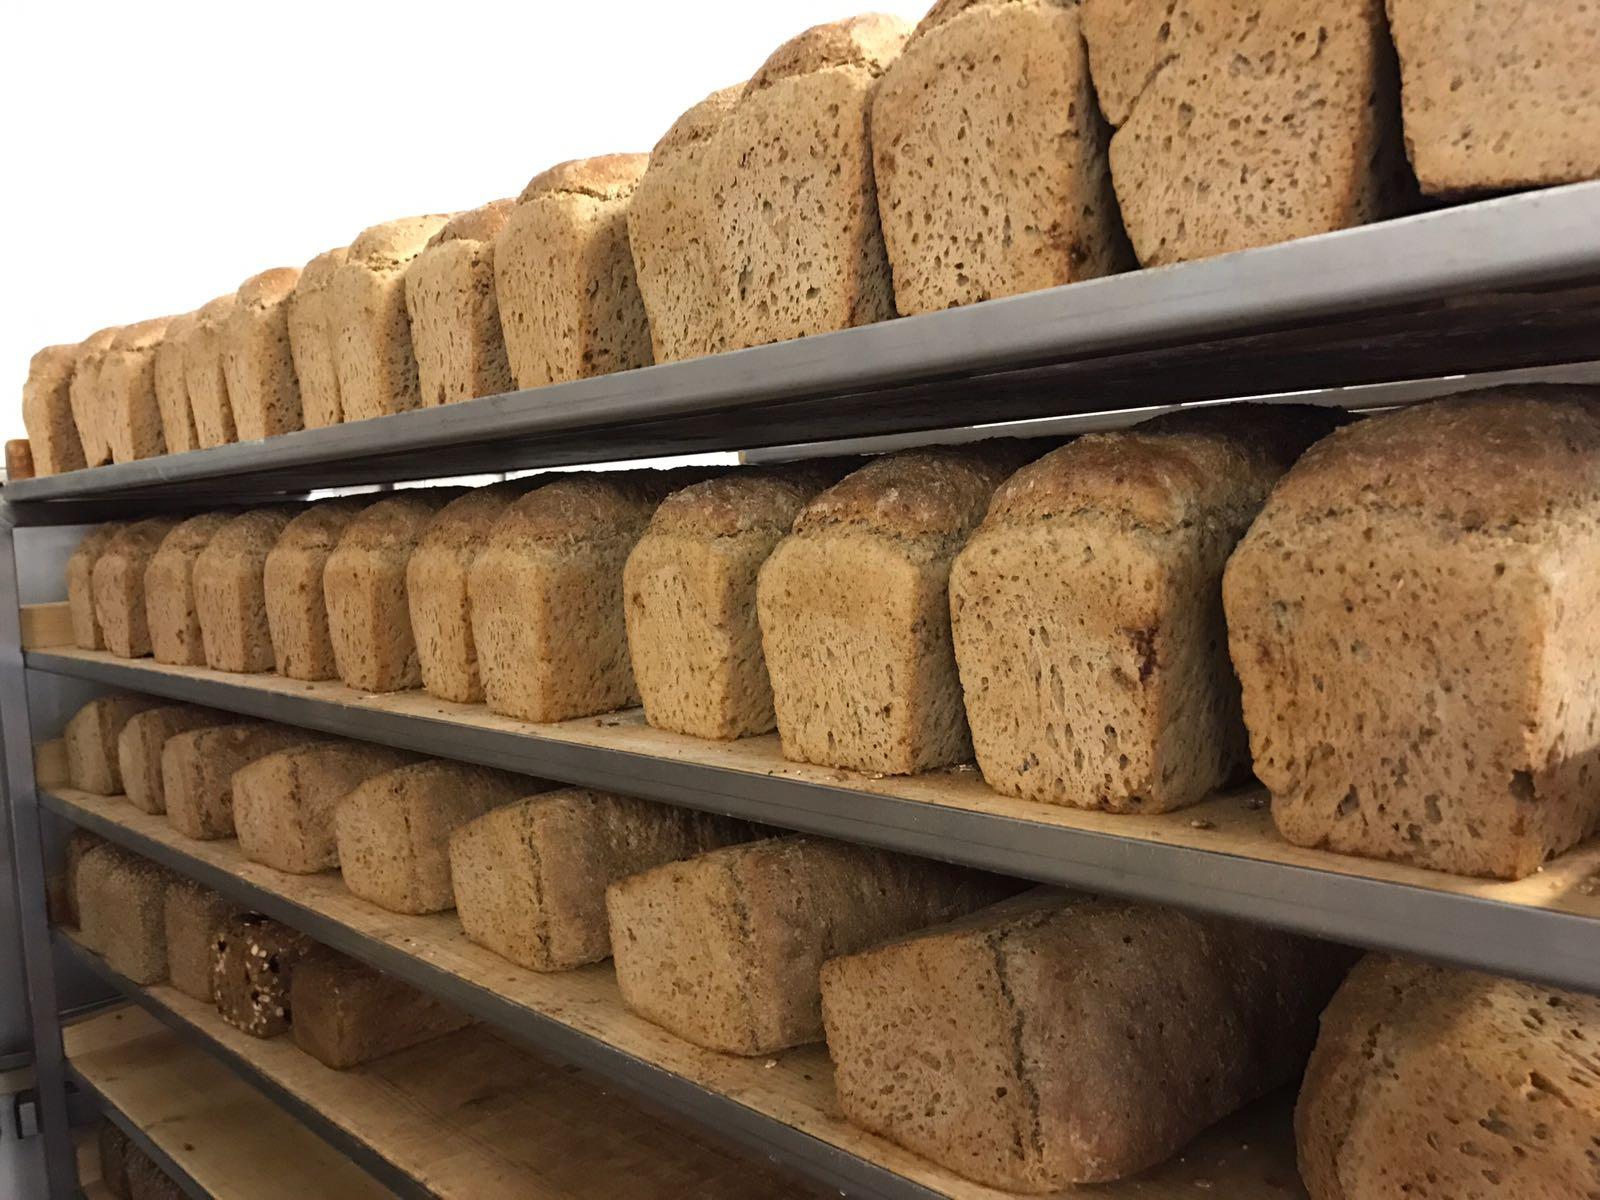 Next level: BrouwBrood maakt brood gemaakt van bier